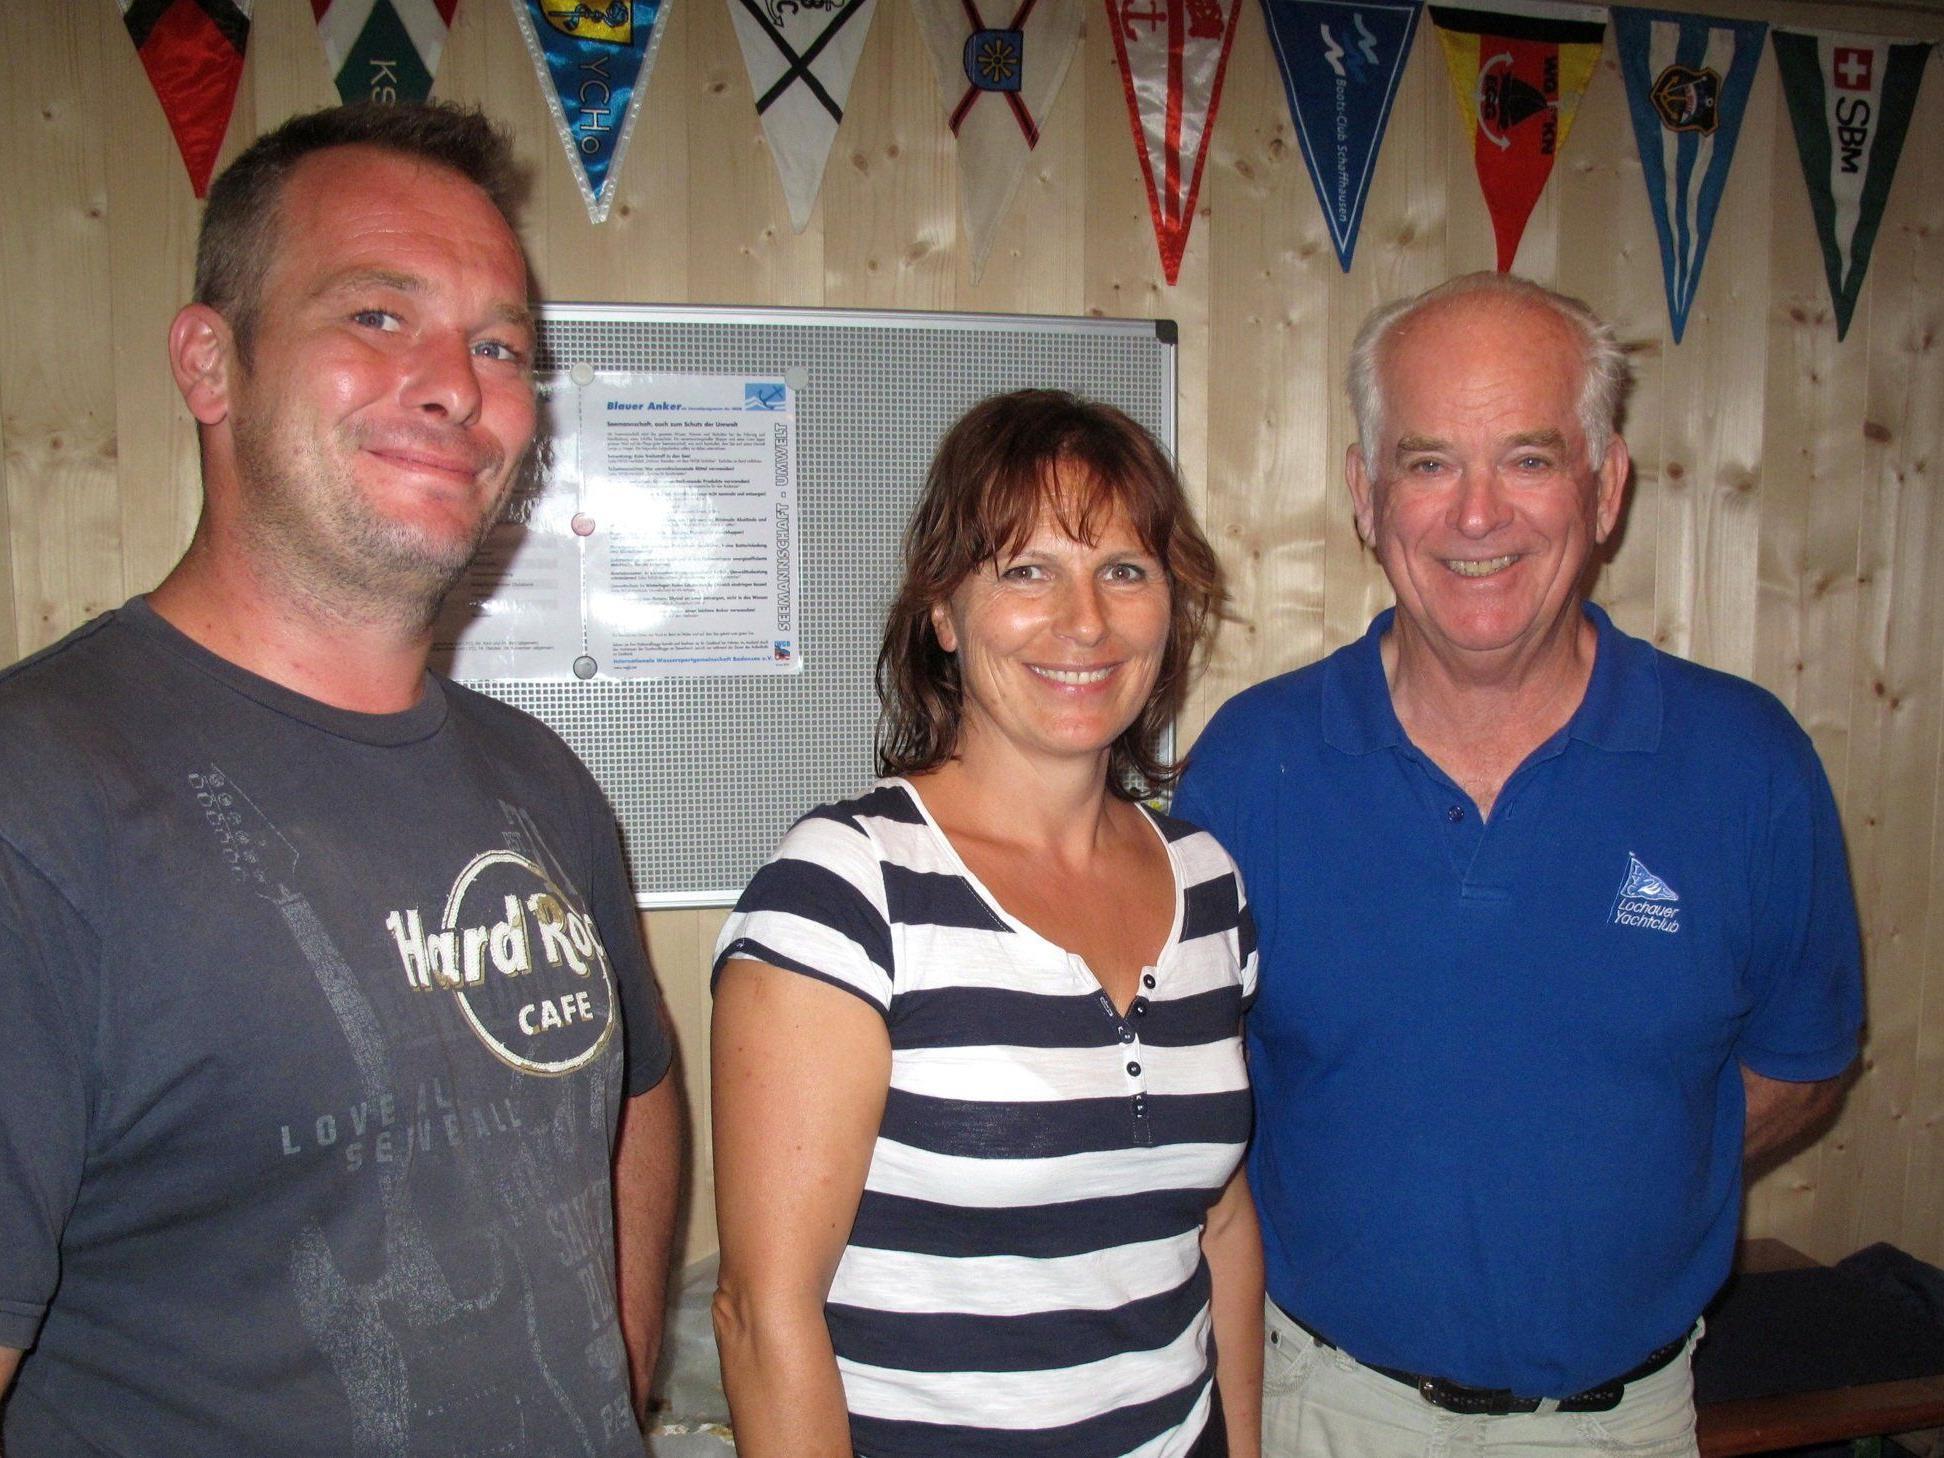 Siegerfoto von links nach rechts: 1. Markus Hehle, 4. Irmgard Erath von der Damencrew und 2. Peter Seidl.